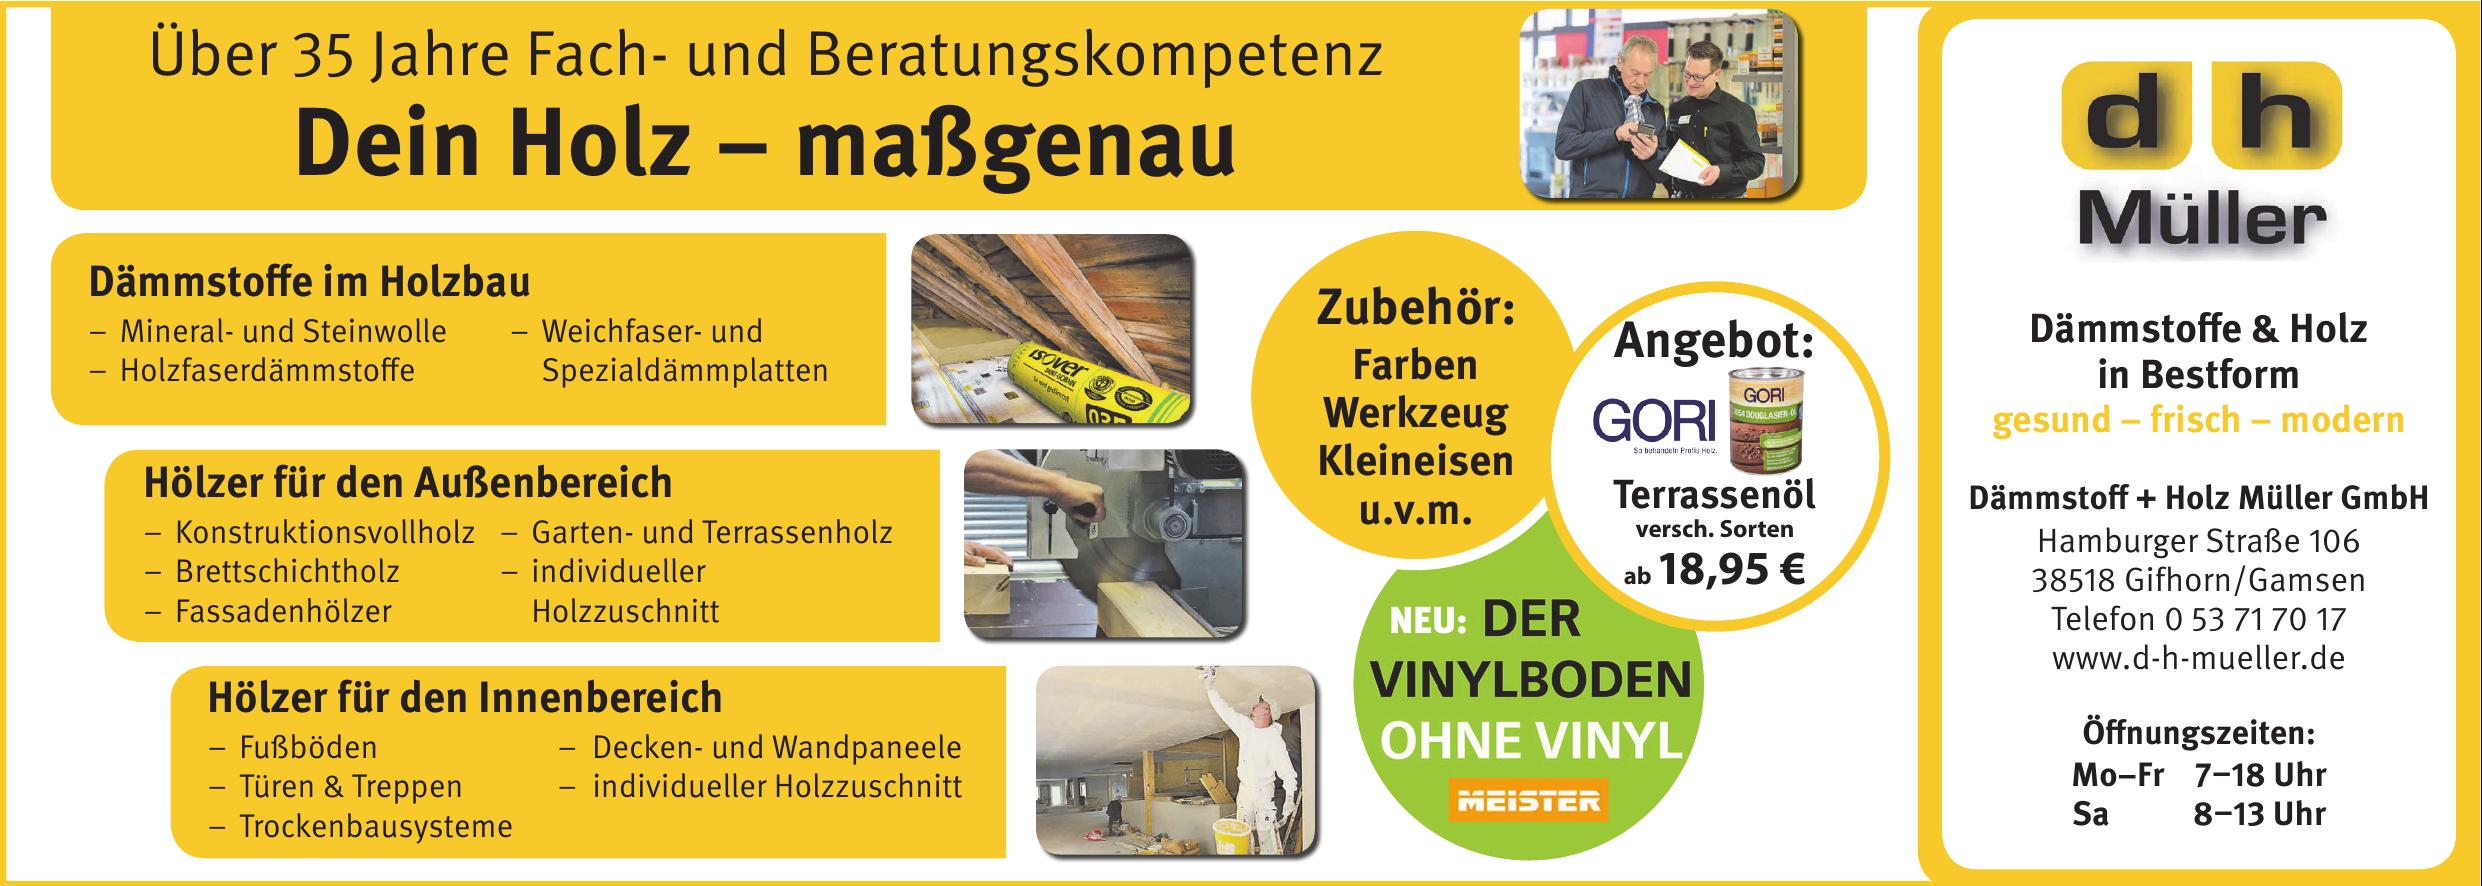 Dämmstoff + Holz Müller GmbH